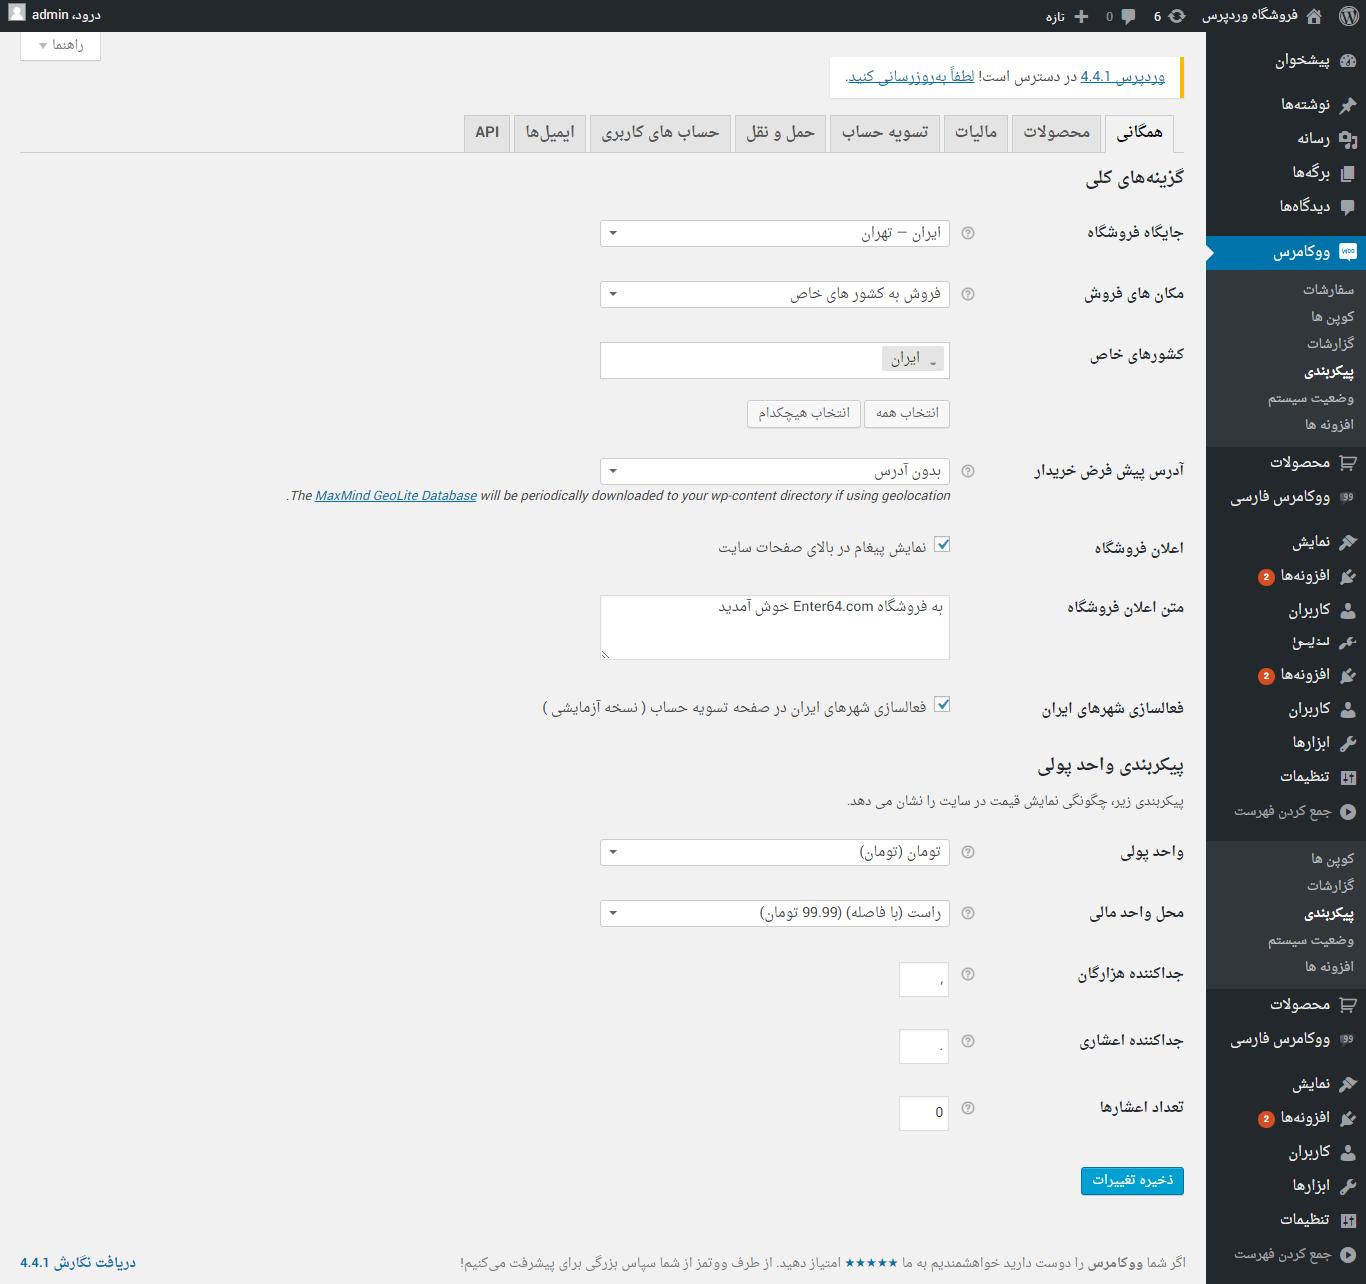 ایجاد ، نصب و پیکربندی فروشگاه در وردپرس با ووکامرس